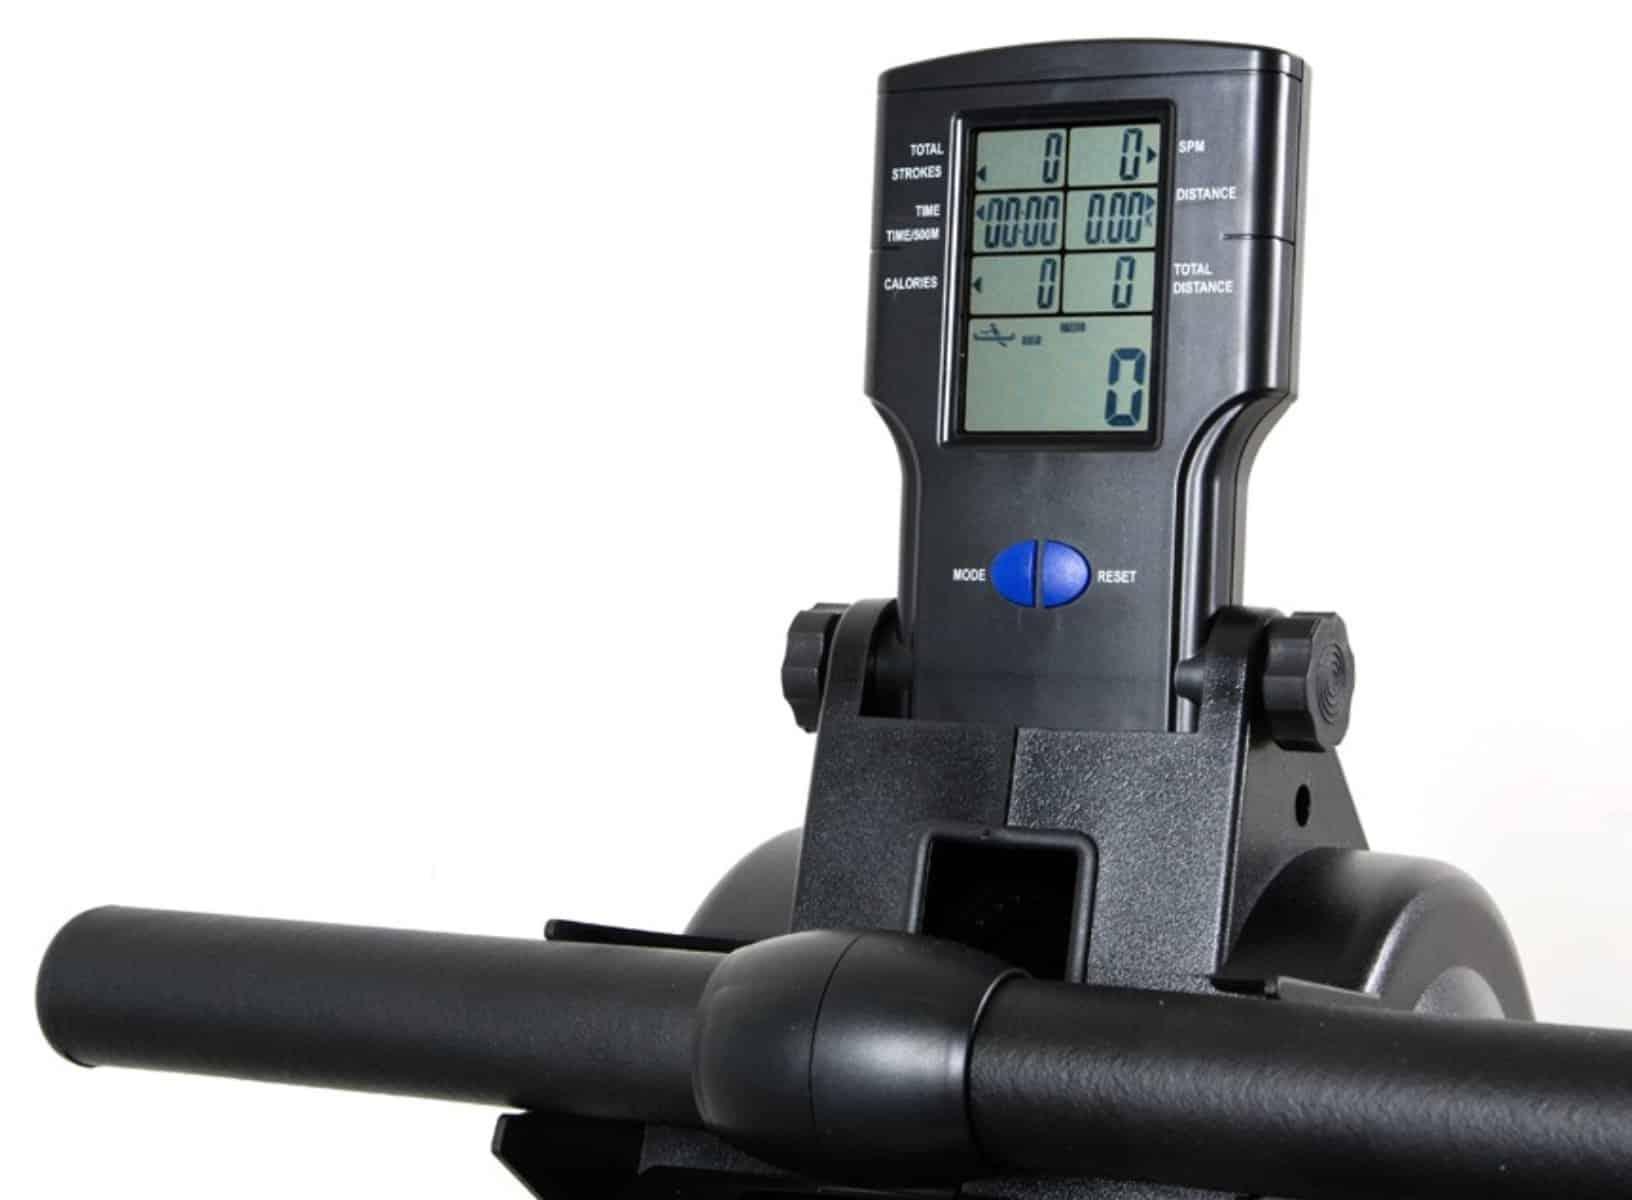 BodyCraft VR200 Rower Monitor